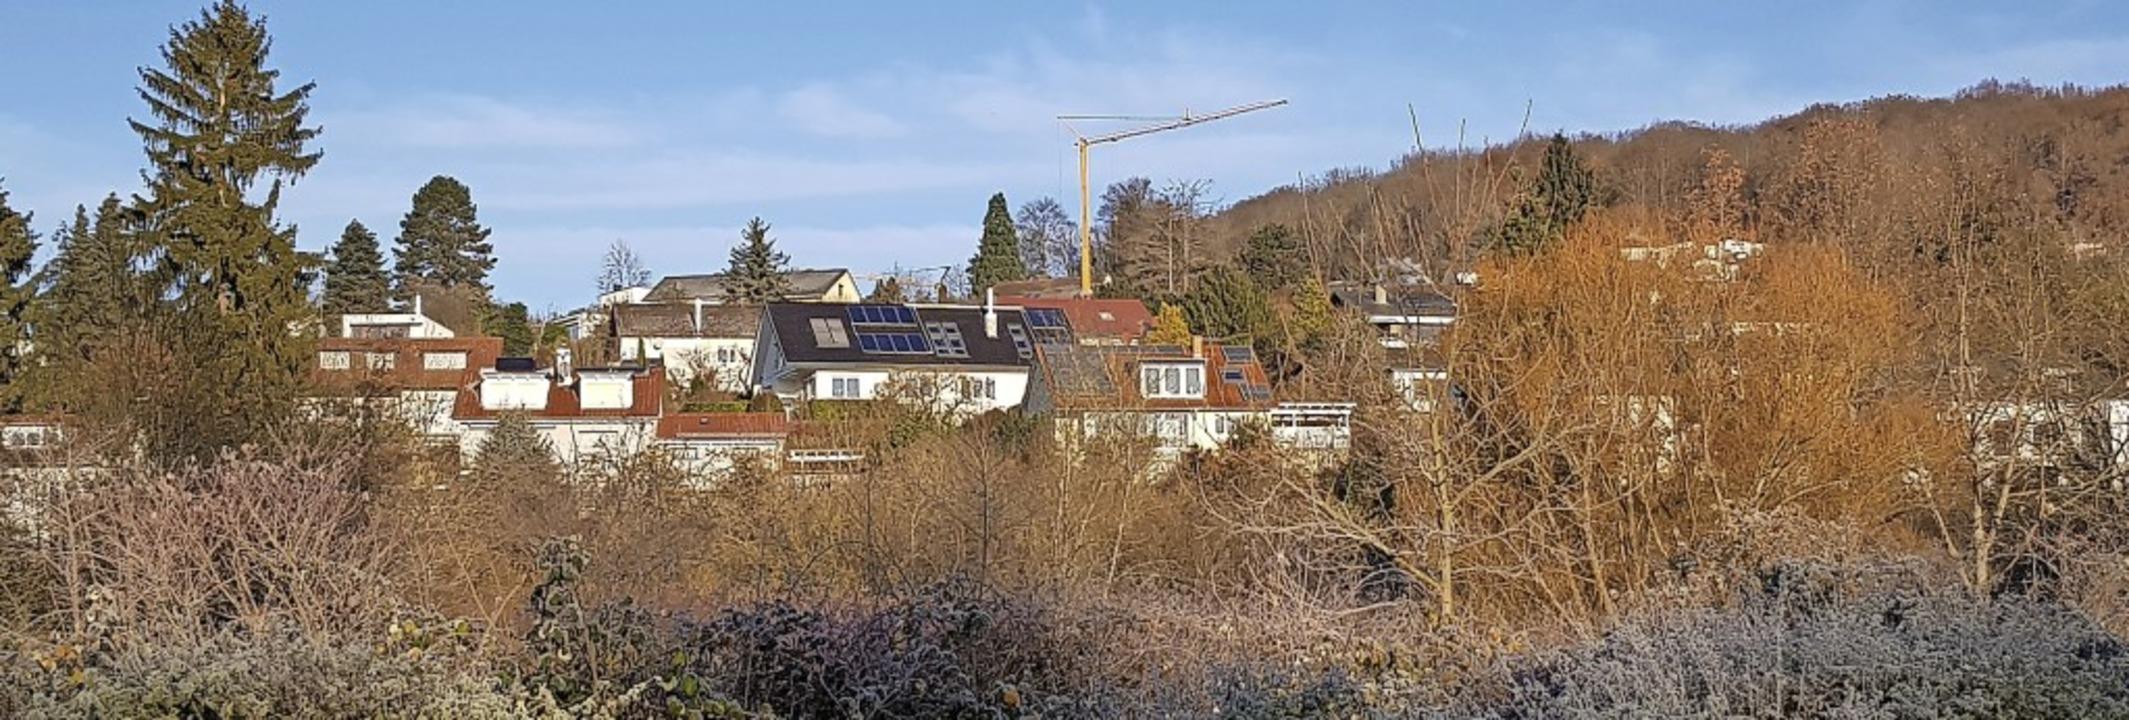 Immer mehr Baukräne ragen auf dem Kast... aus den 1960er Jahren besser steuern.  | Foto: Gerhard Walser